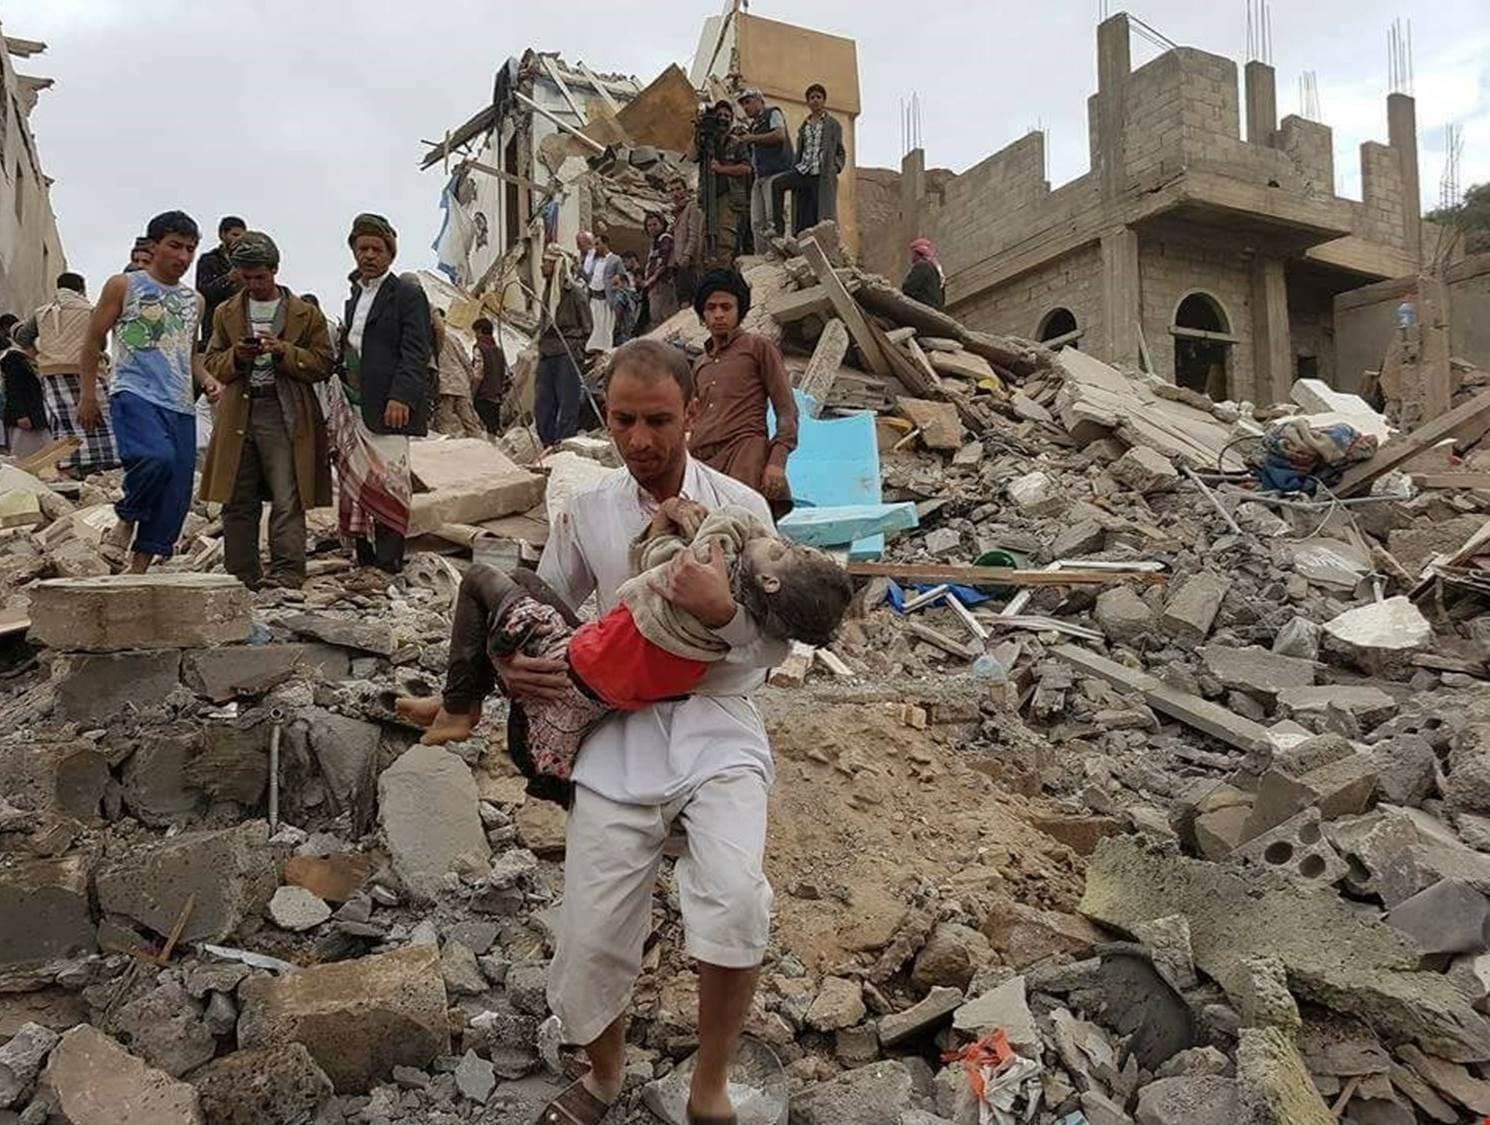 قوات التحالف السعودي ترتكب آلاف المجازر يومياً بحق الشعب اليمني